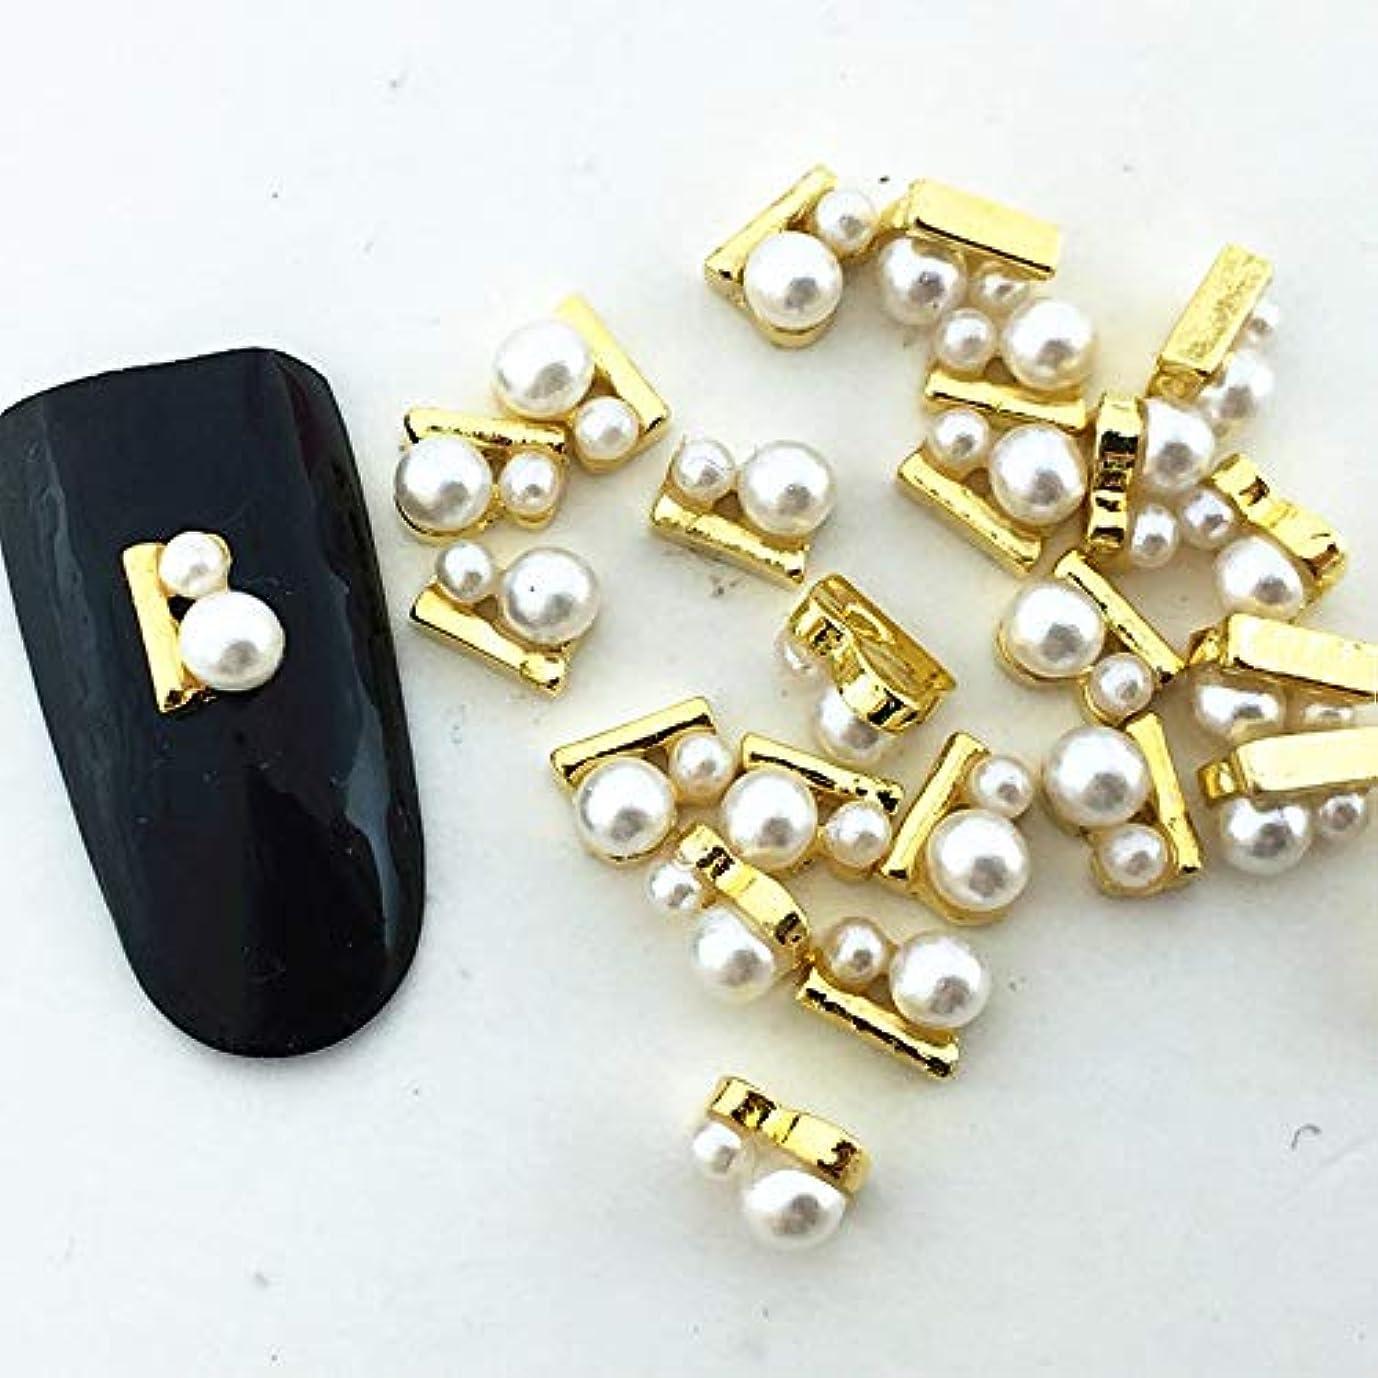 ジレンマお世話になった常習者パールネイルパーツネイルアクセサリーチャームデコパーツで20枚/パック日本新3Dネイルアートの装飾合金の金属かわいいスタイル